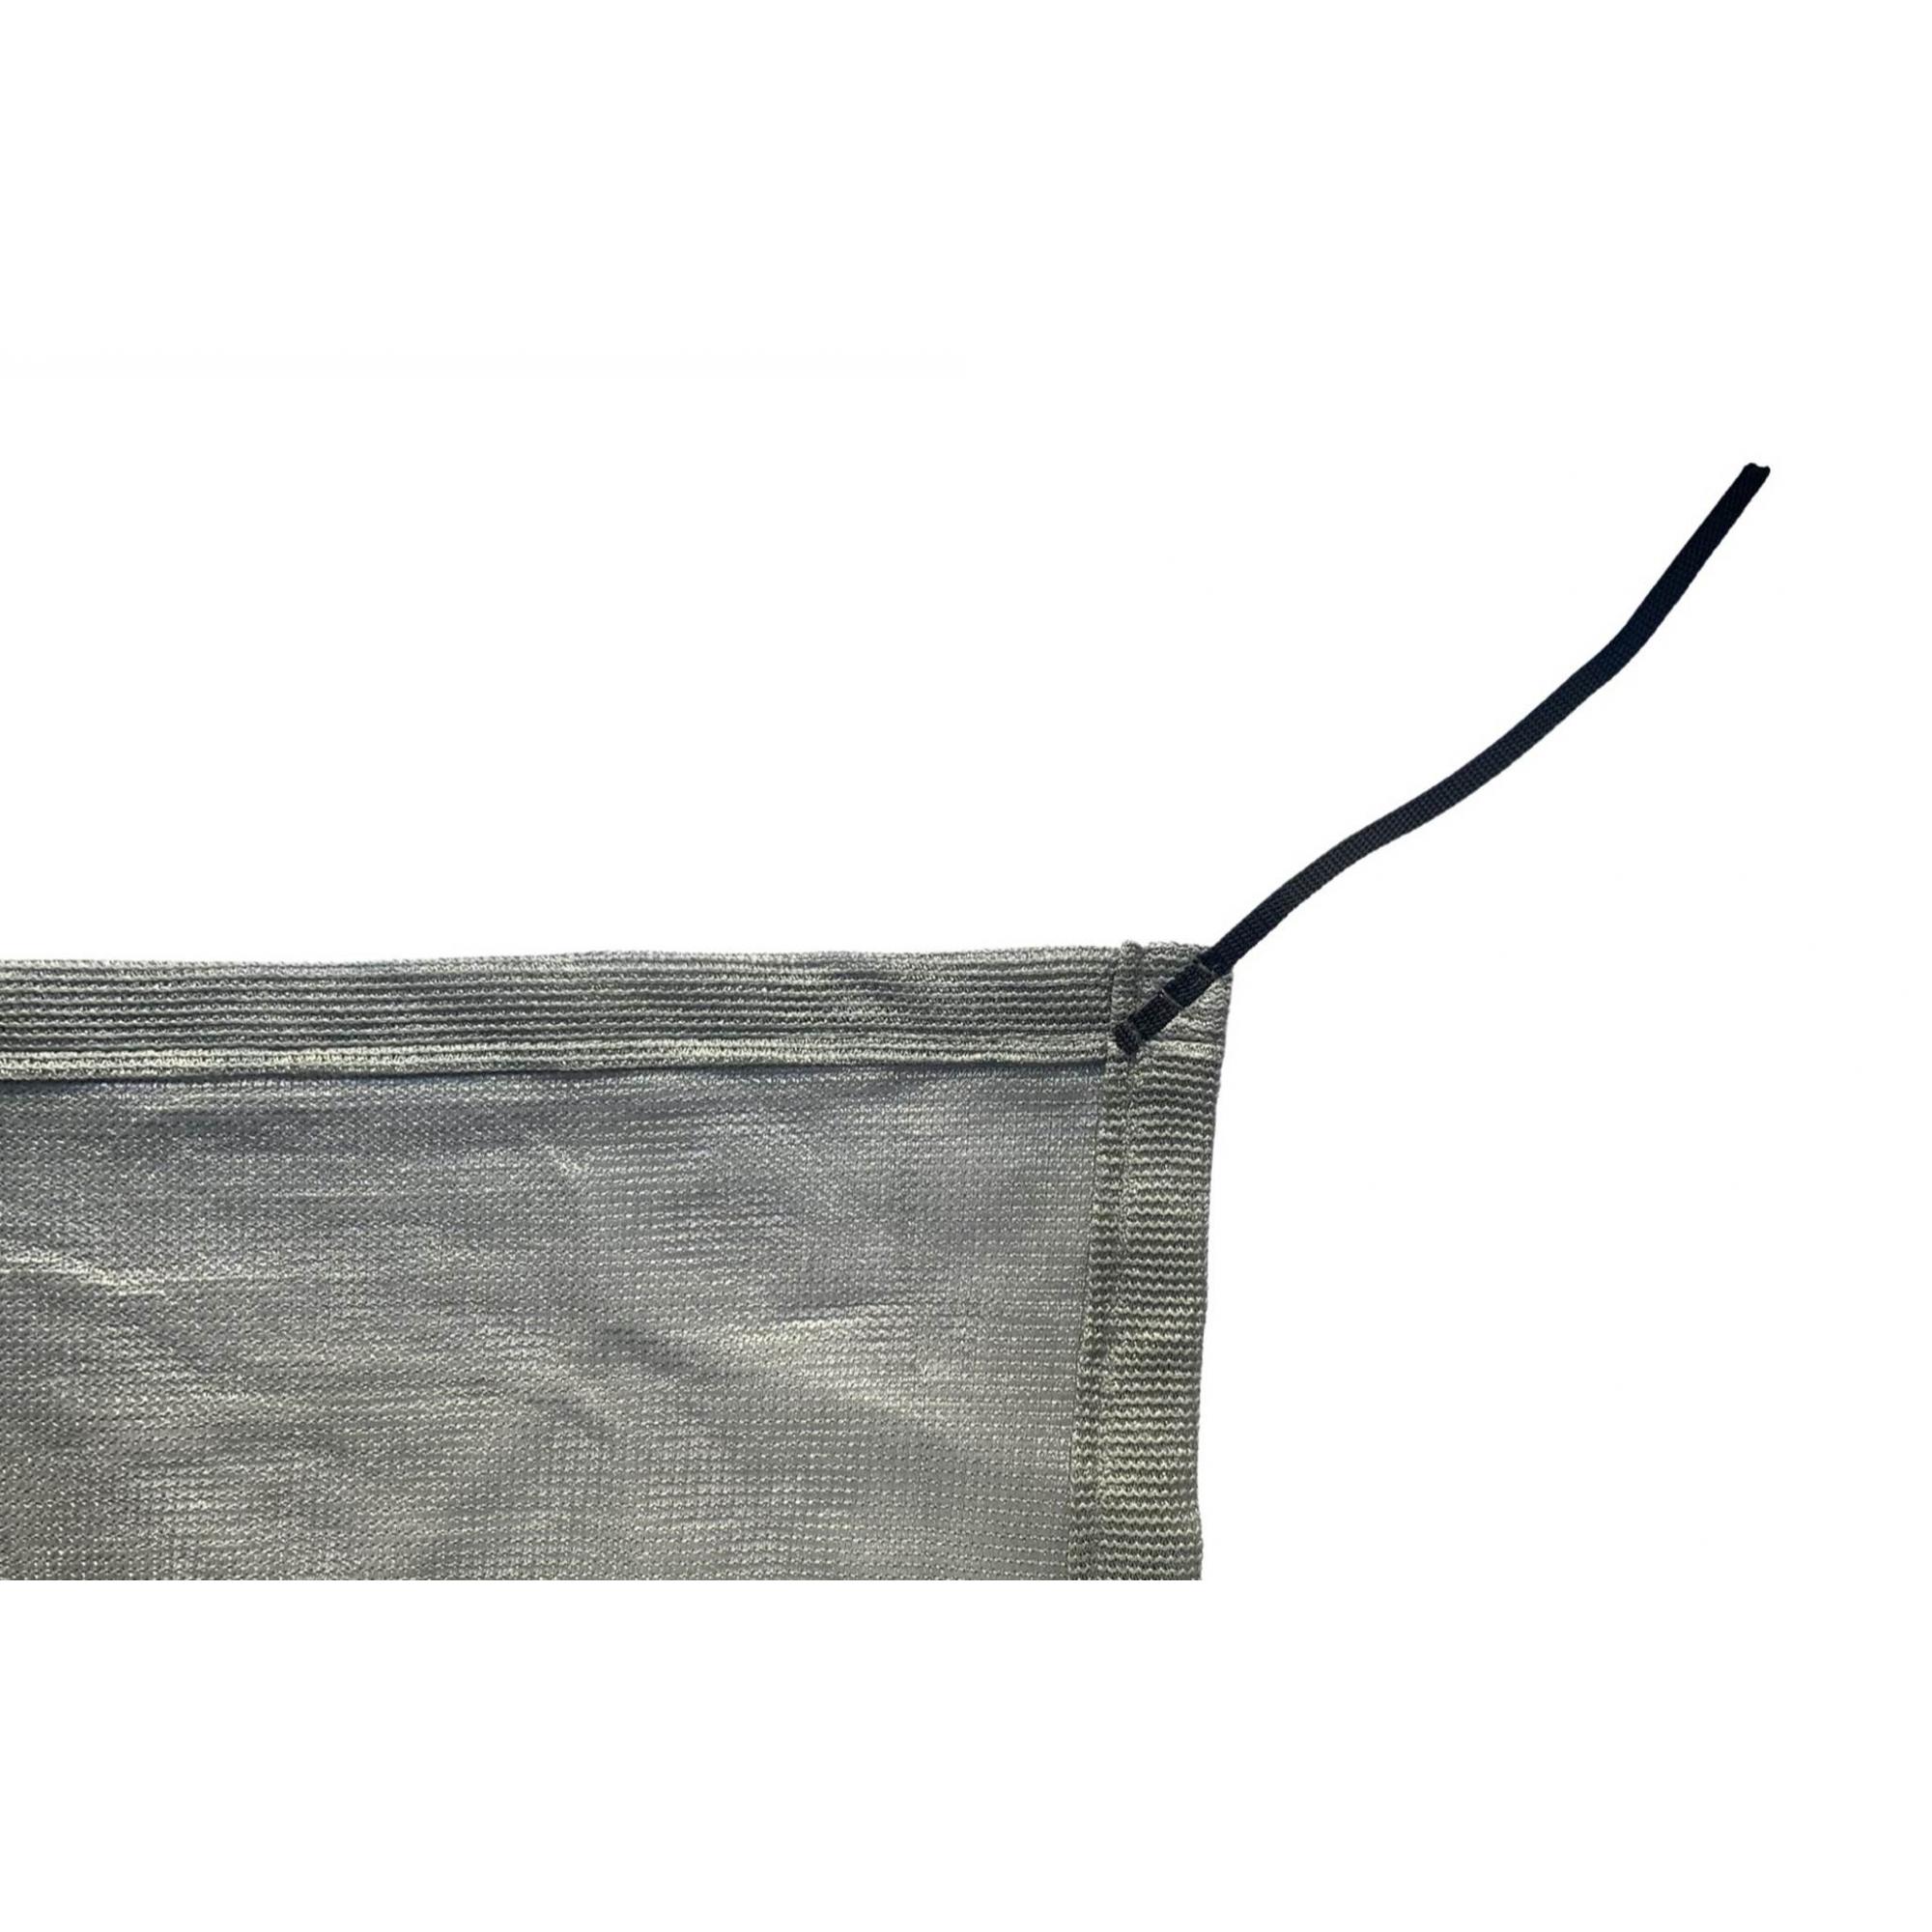 Tela de Sombreamento 80% Prata com Esticadores - Largura: 2,8 Metros